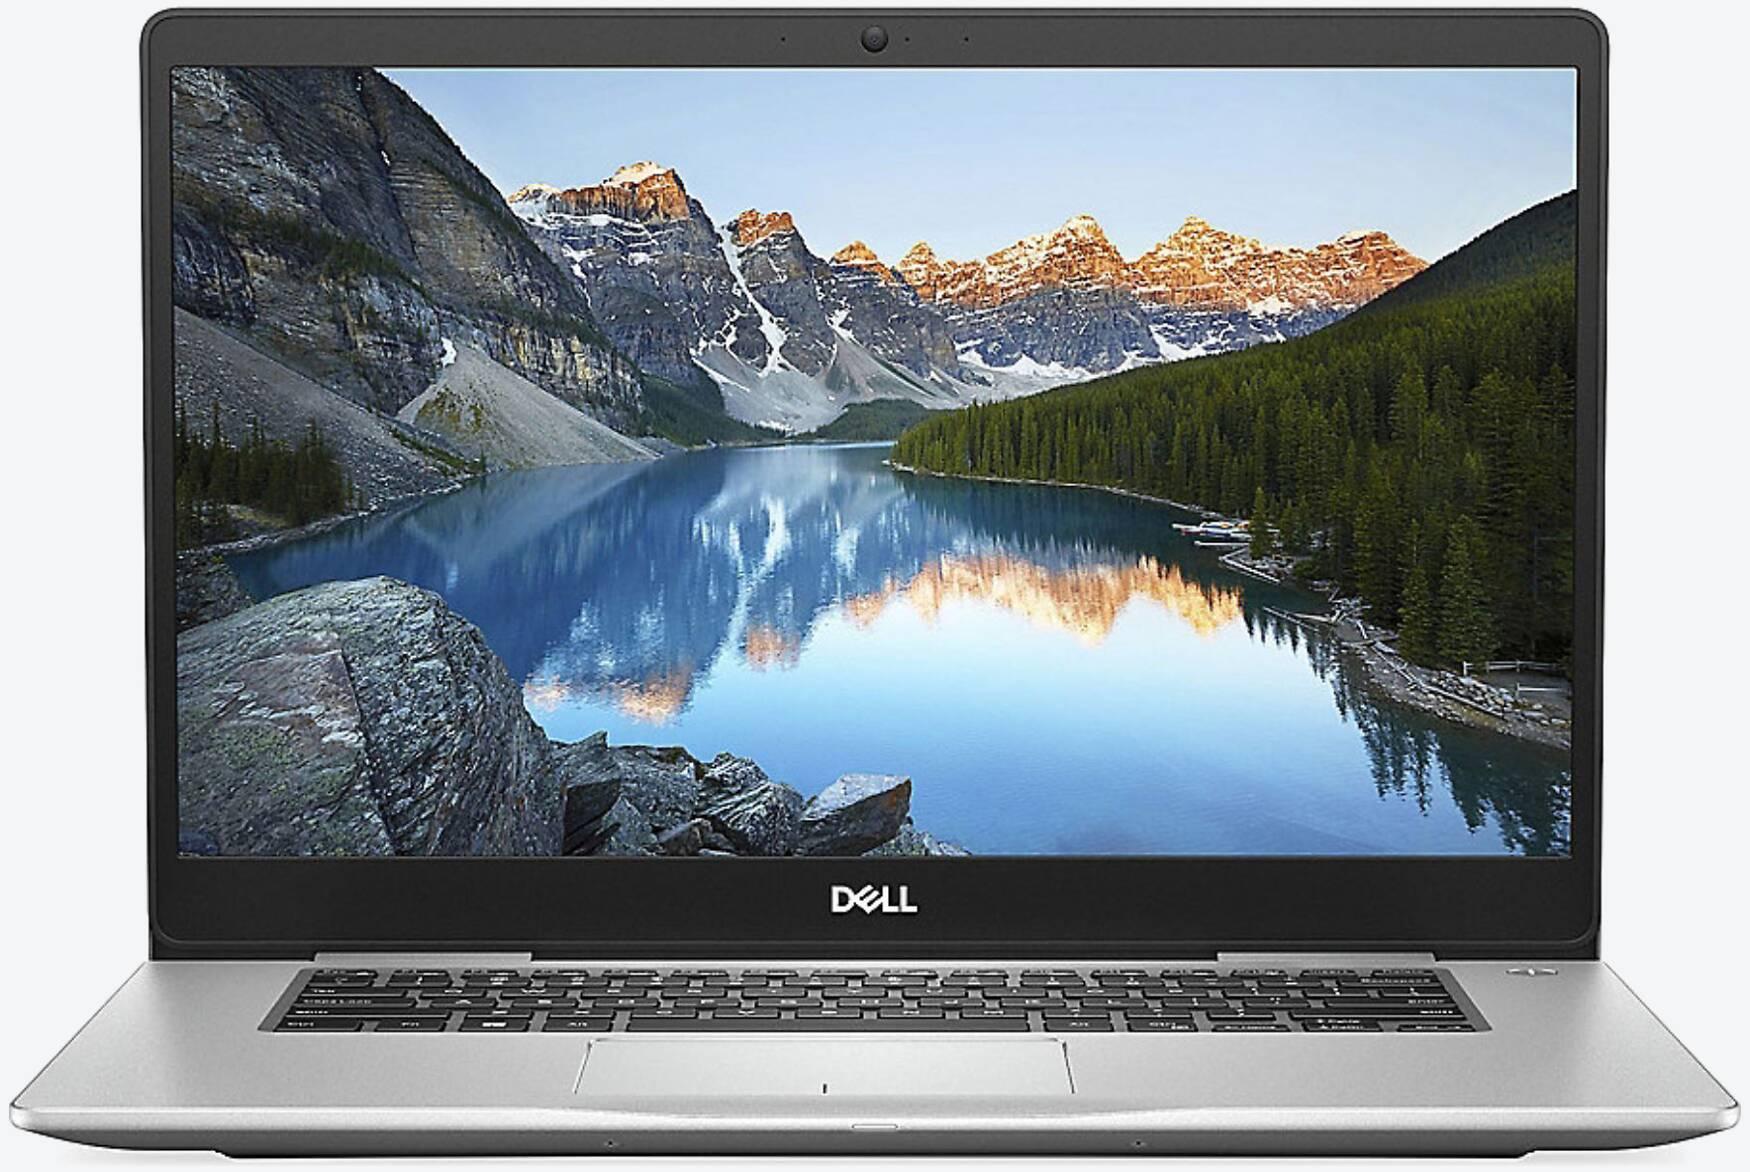 Dell Inspiron 15 7570 (H13X4)